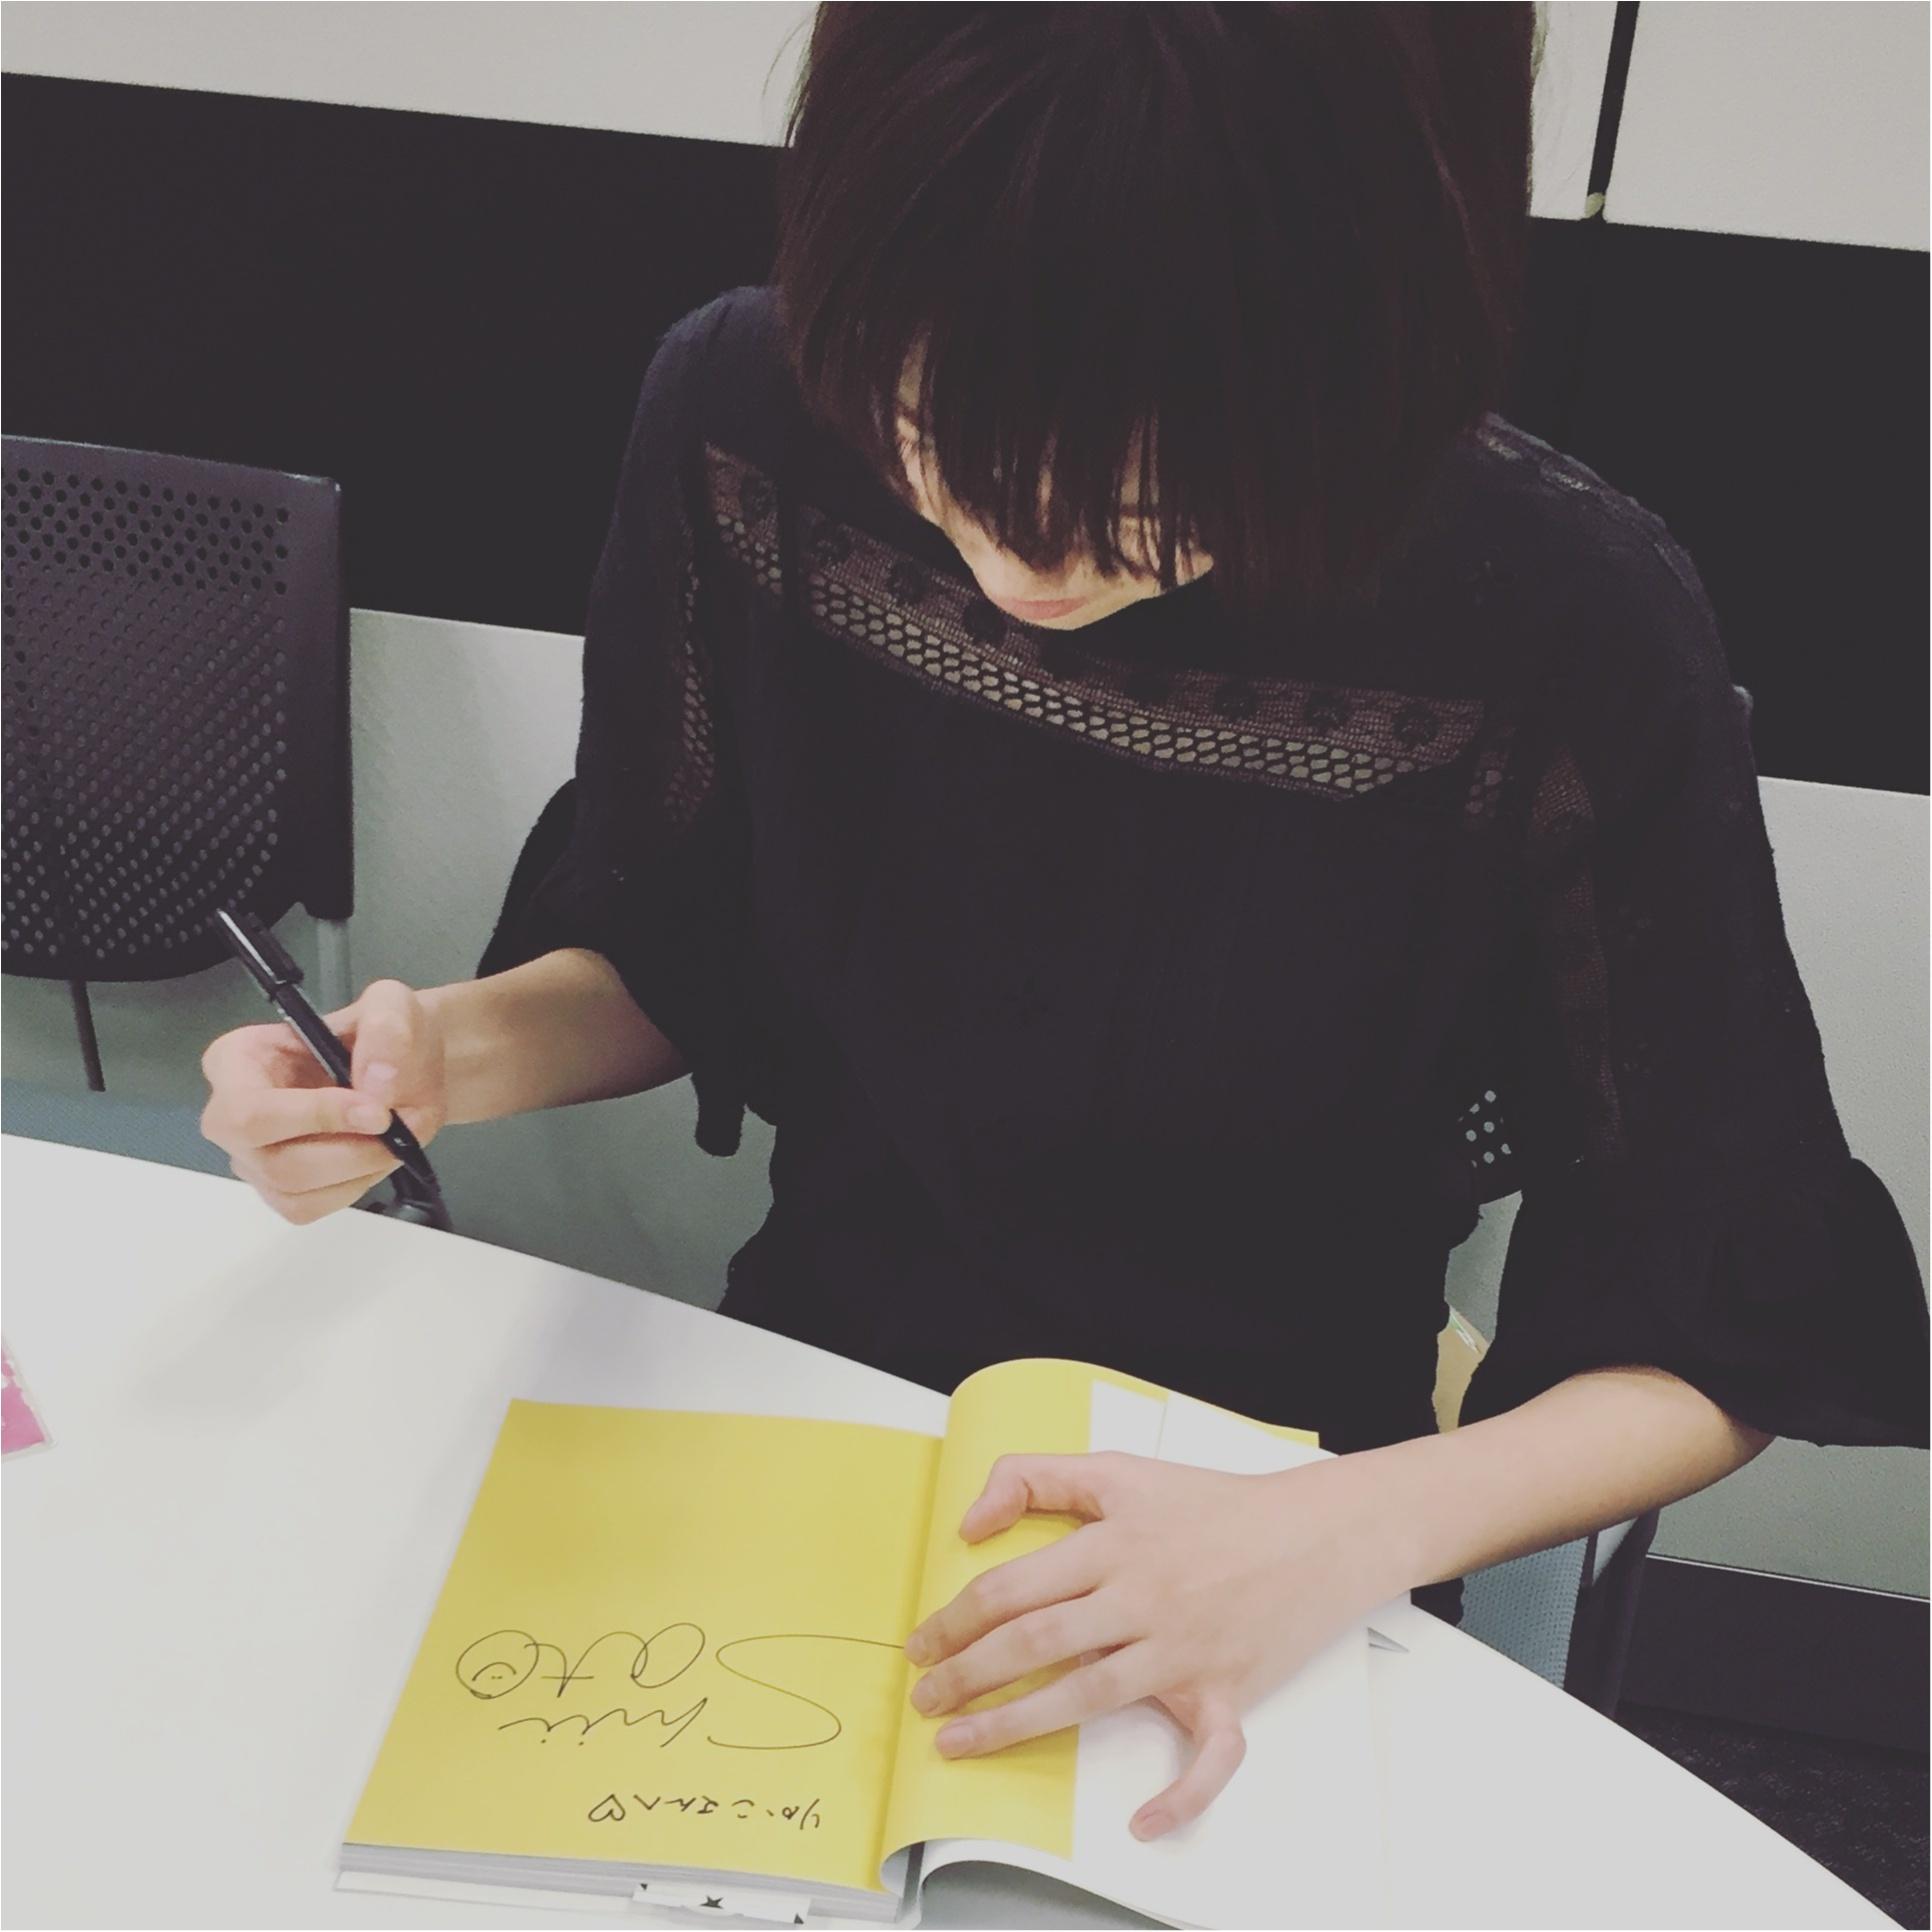 読めば笑顔に☆佐藤栞里 初のライフスタイルBOOK『ちゃまてばこ』、ついに発売です!_3